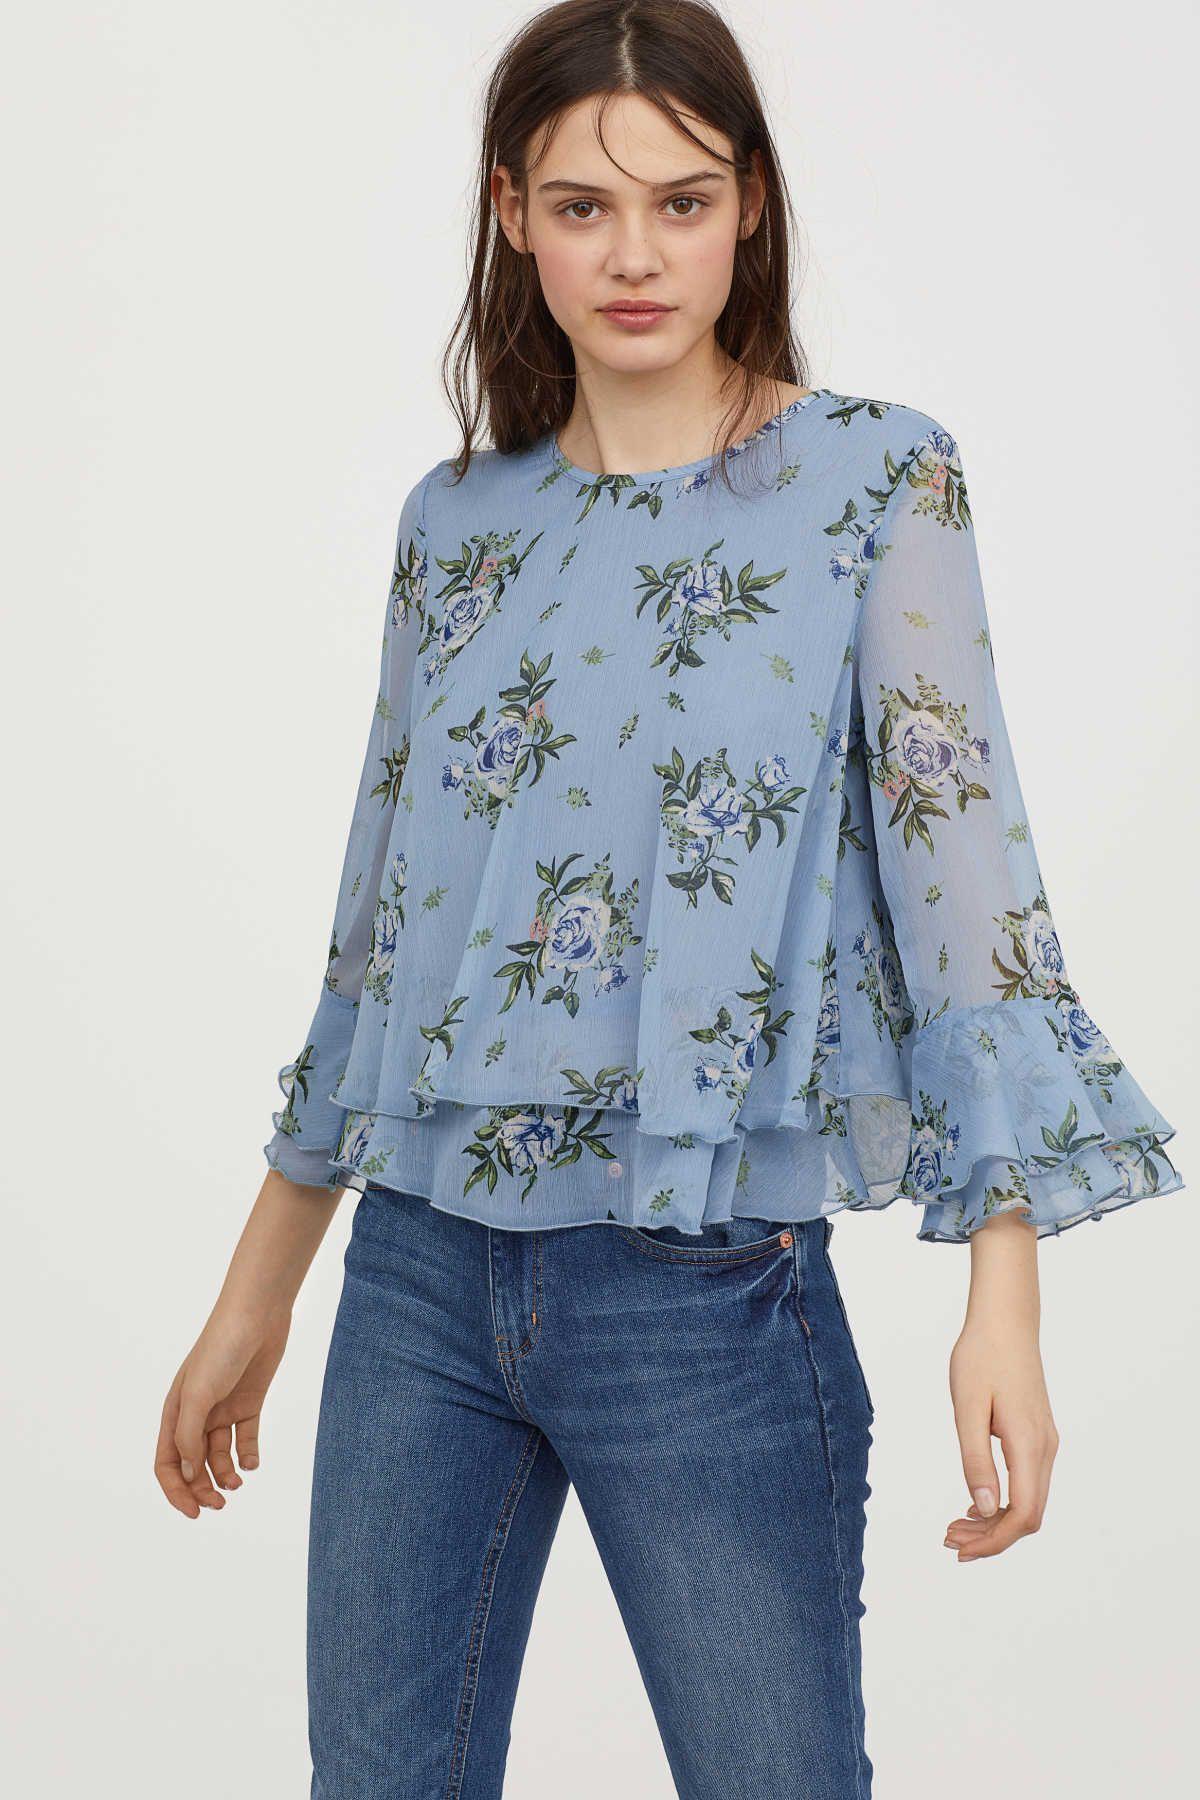 Scarpe antiscivolo Fertile nemico  Chiffon Blouse with Flounces | Pigeon blue/floral | WOMEN | H&M US | Ladies  tops fashion, Chiffon blouse, Floral blouse outfit spring